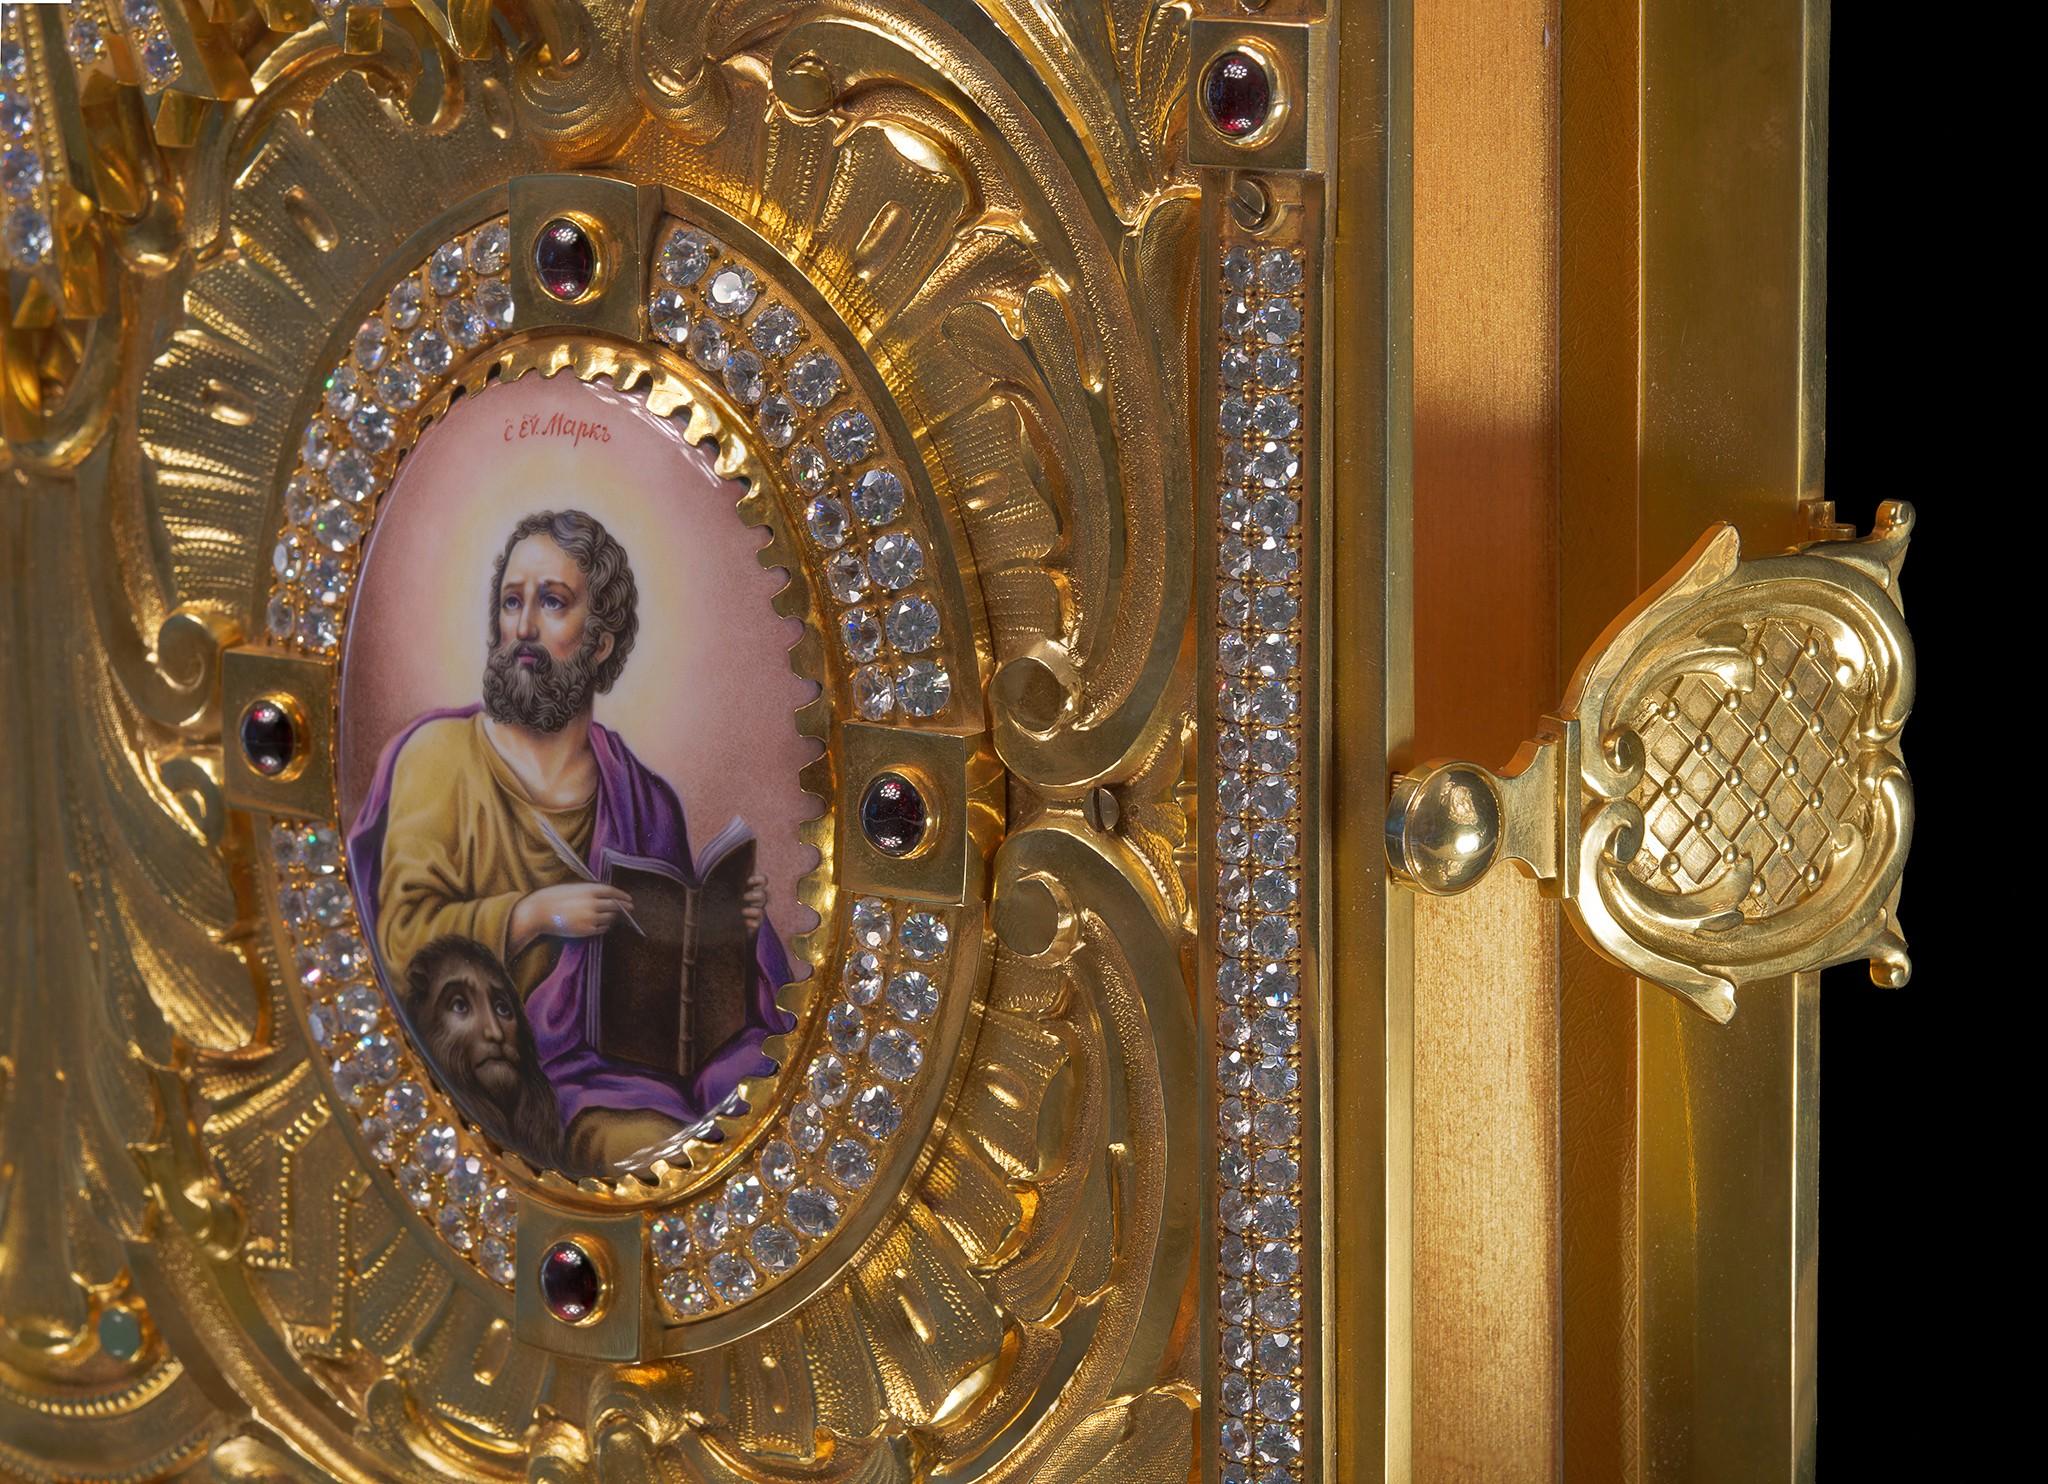 Церковная утварь. Фотосъемка ювелирных изделий.